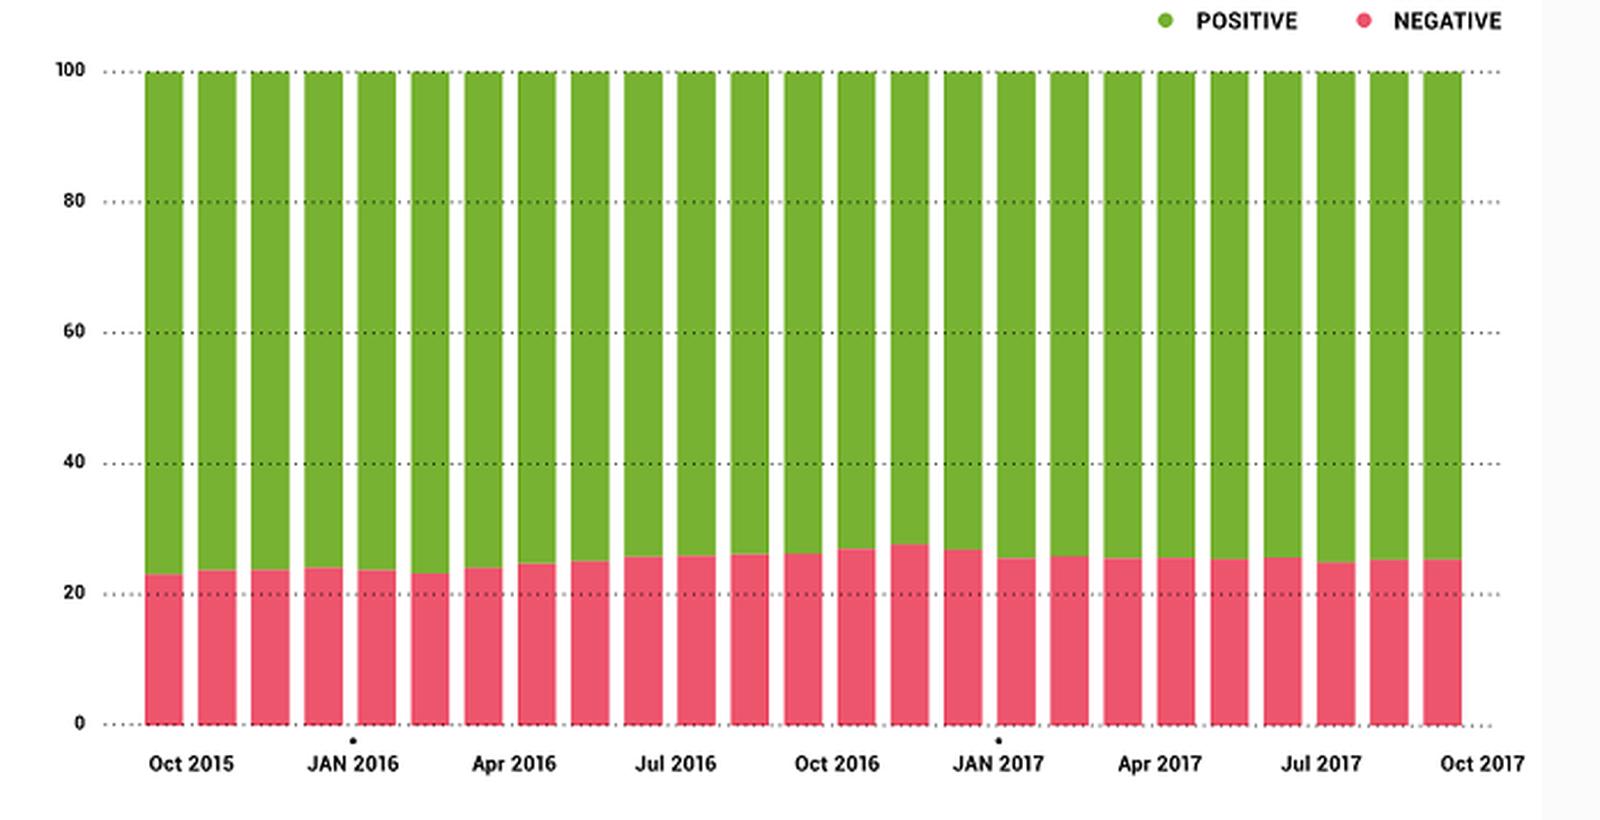 📷 Positivos são maioria, mas uso de emojis negativos estão aumentando | Divulgação